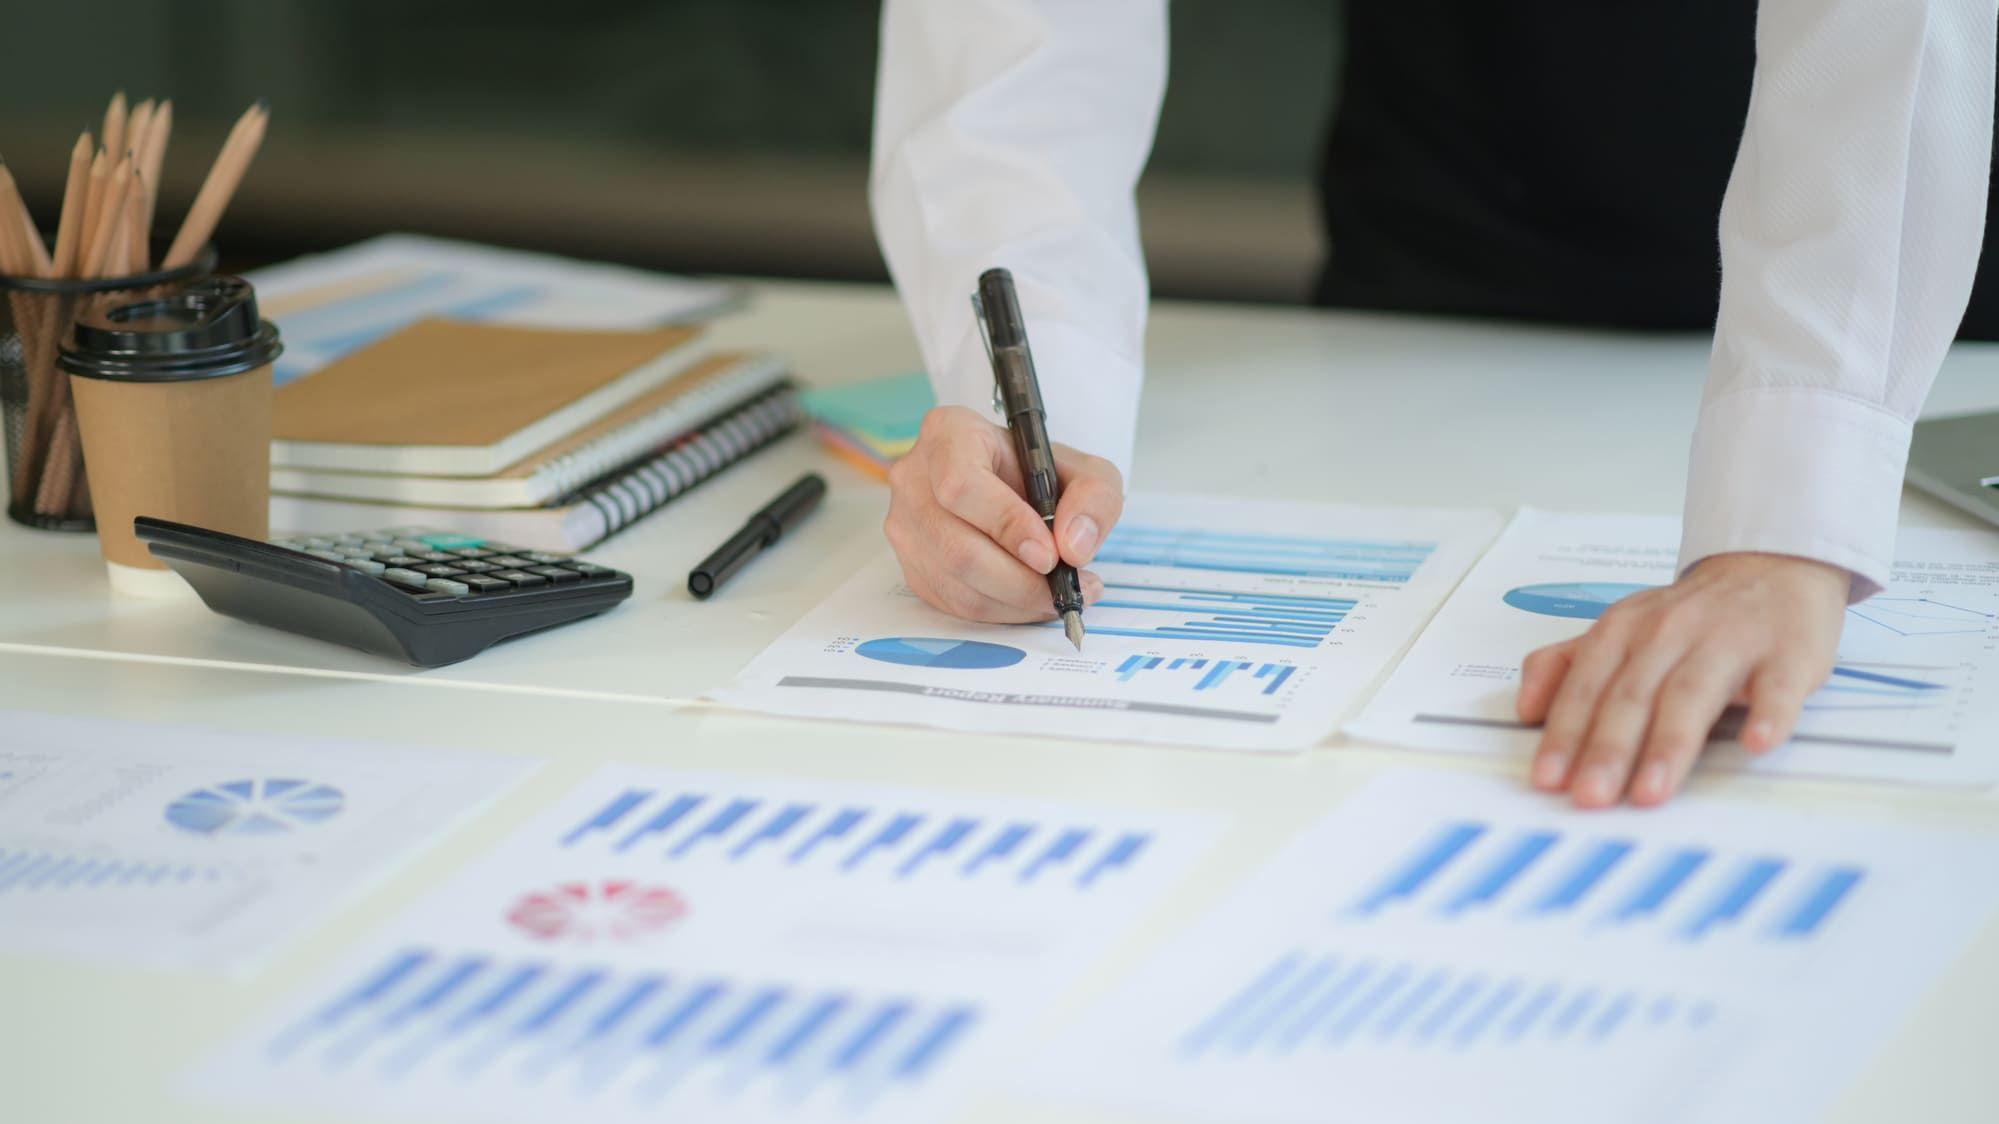 Международная федерация бухгалтеров пояснила критерии качественного аудита